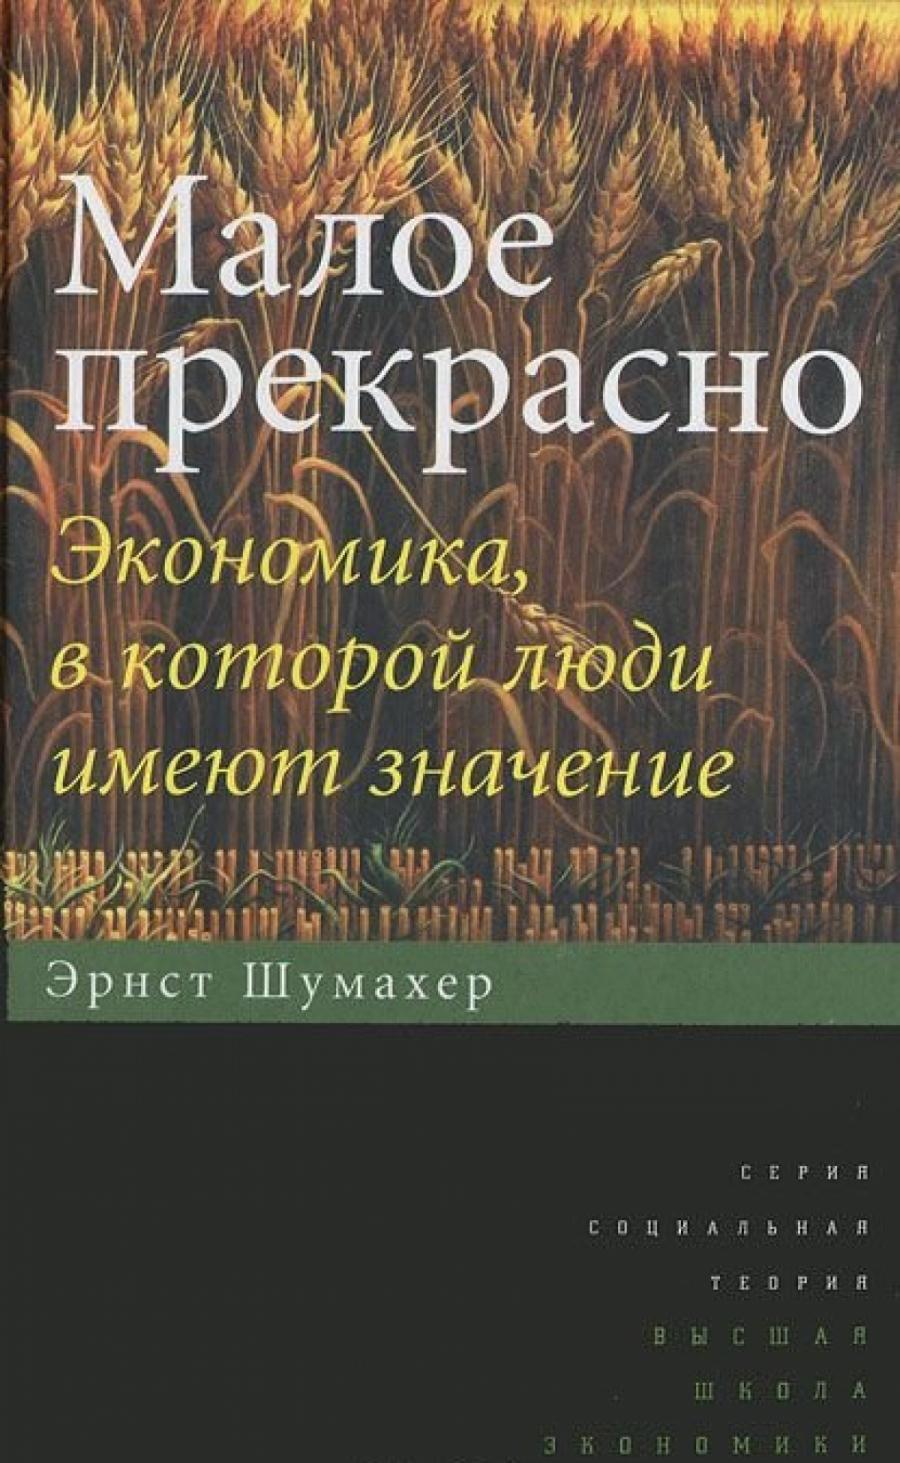 Обложка книги:  шумахер э.ф. - малое прекрасно. экономика, в которой люди имеют значение